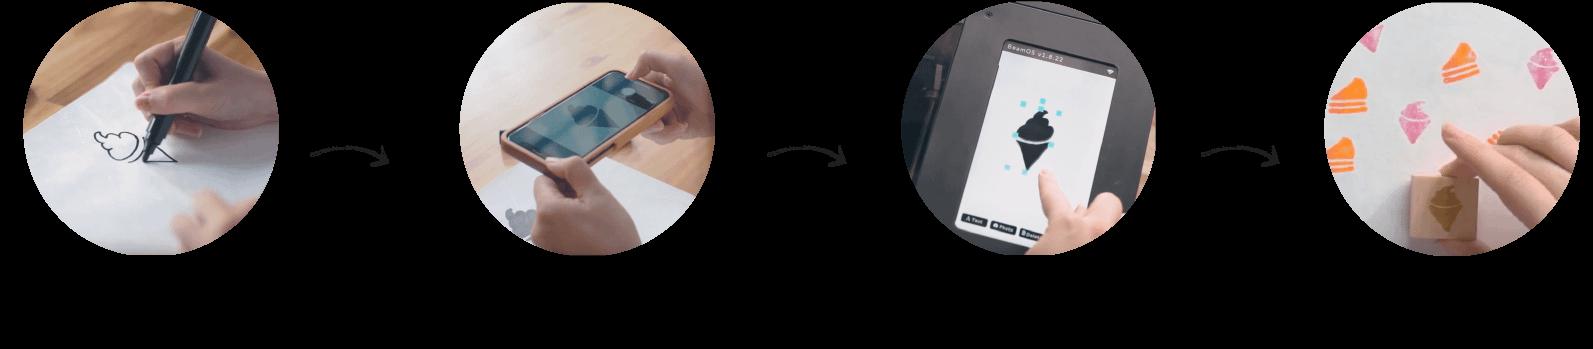 processo creativo laser cutter